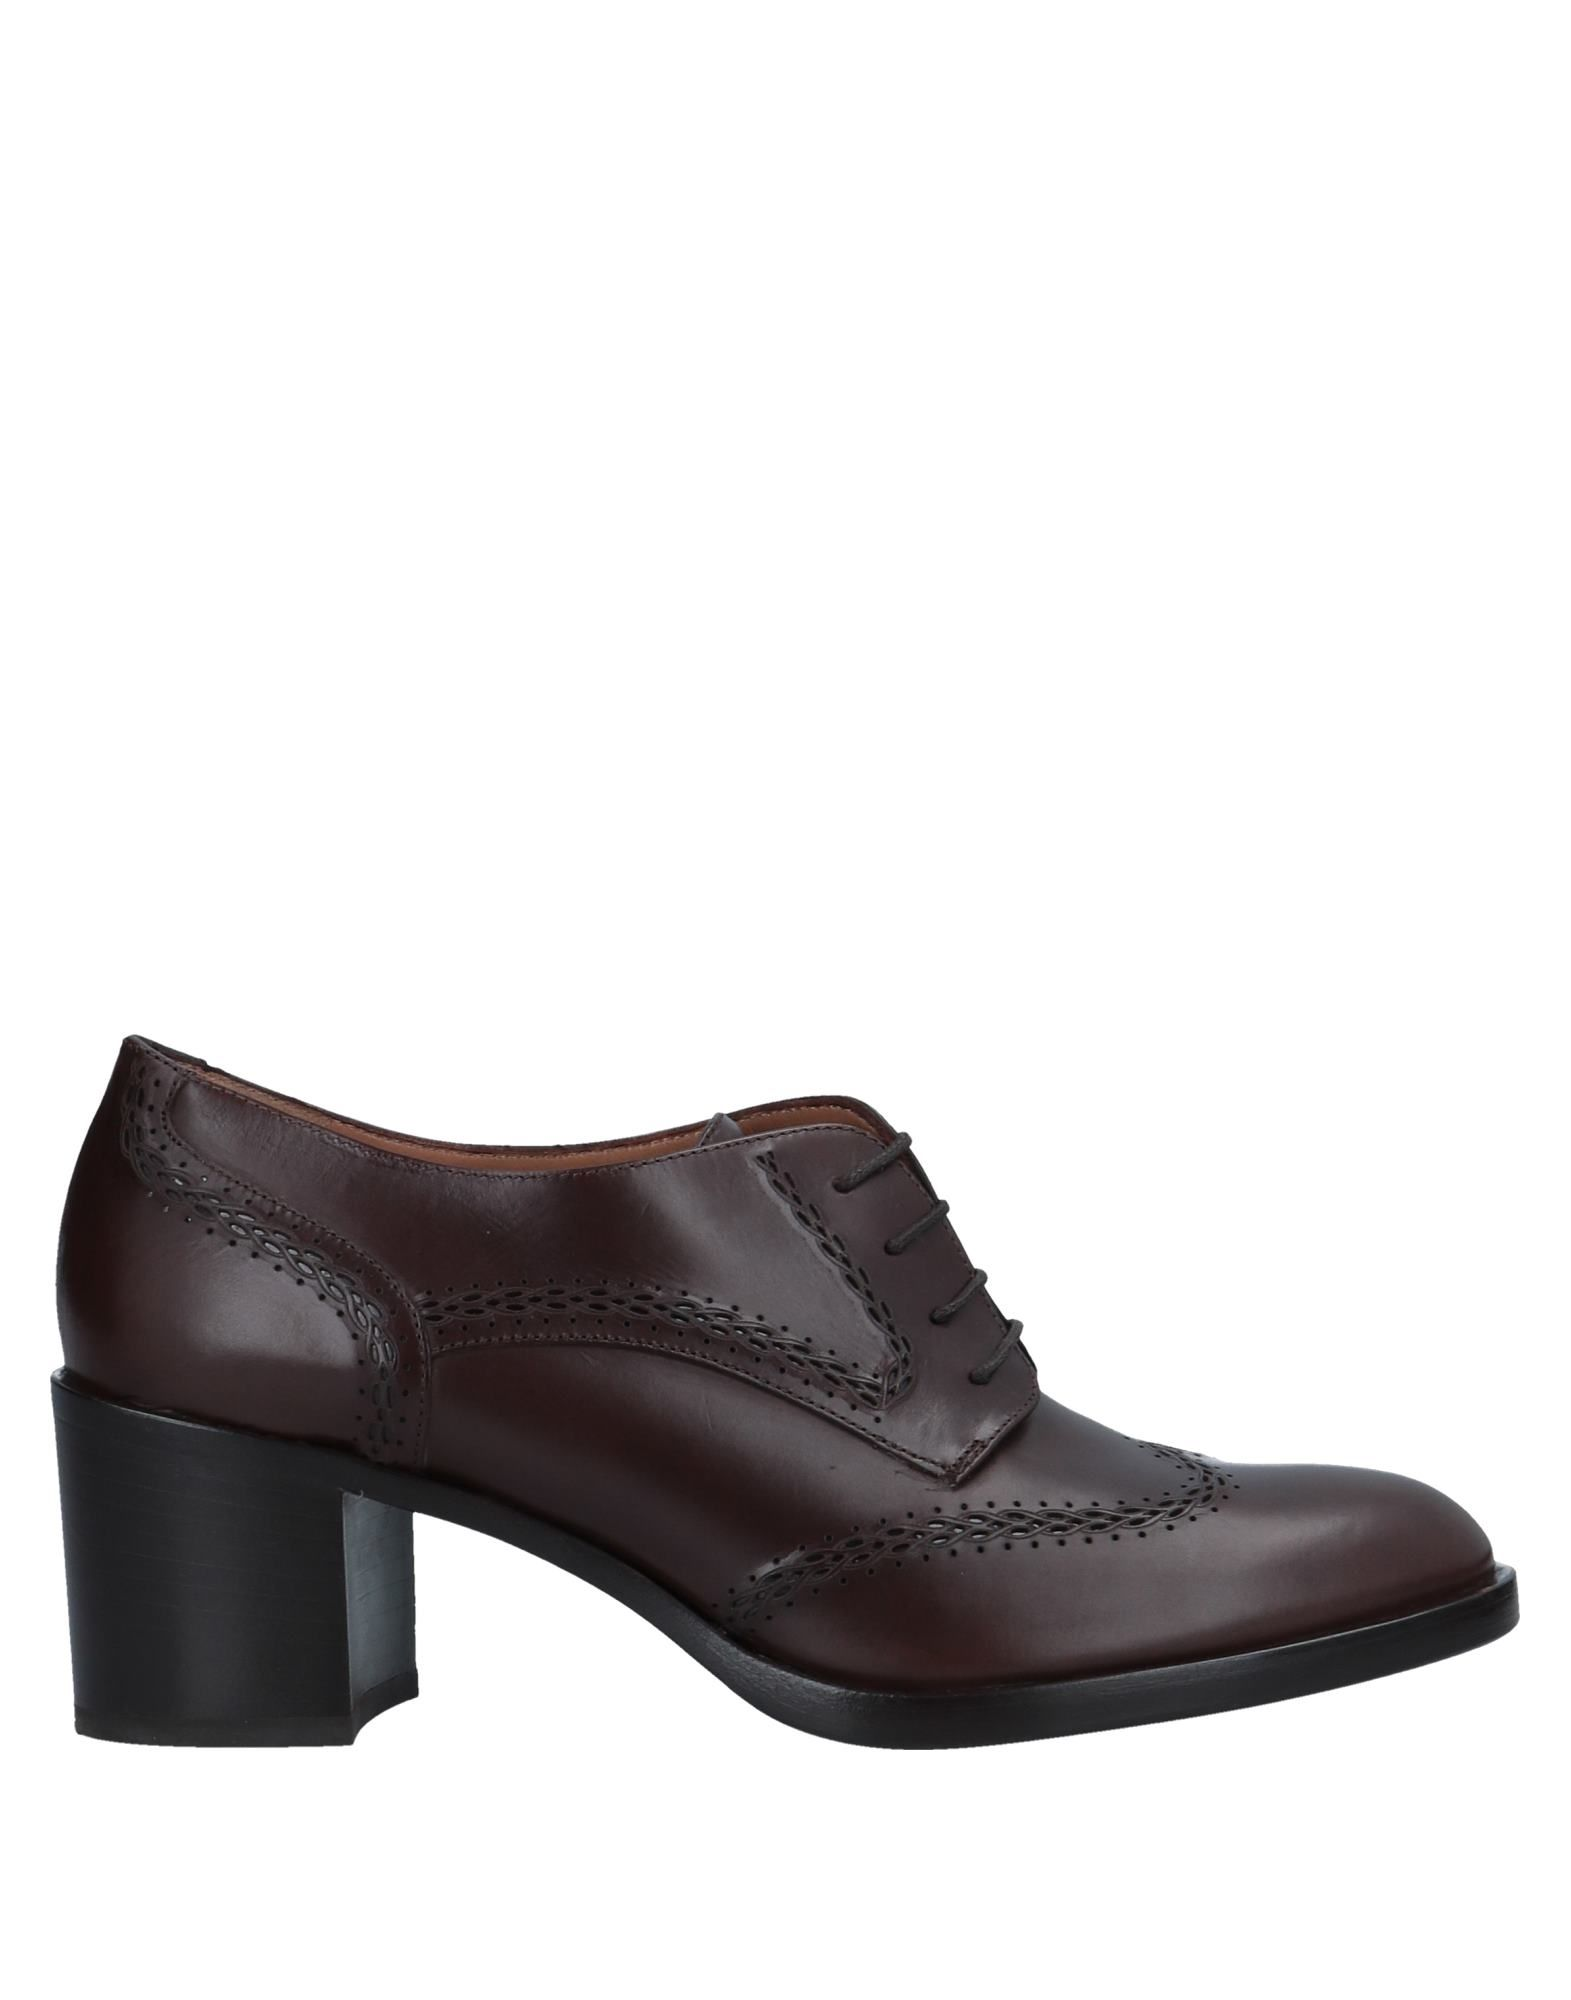 Fratelli Rossetti Schnürschuhe Damen  11548589BGGünstige gut aussehende Schuhe